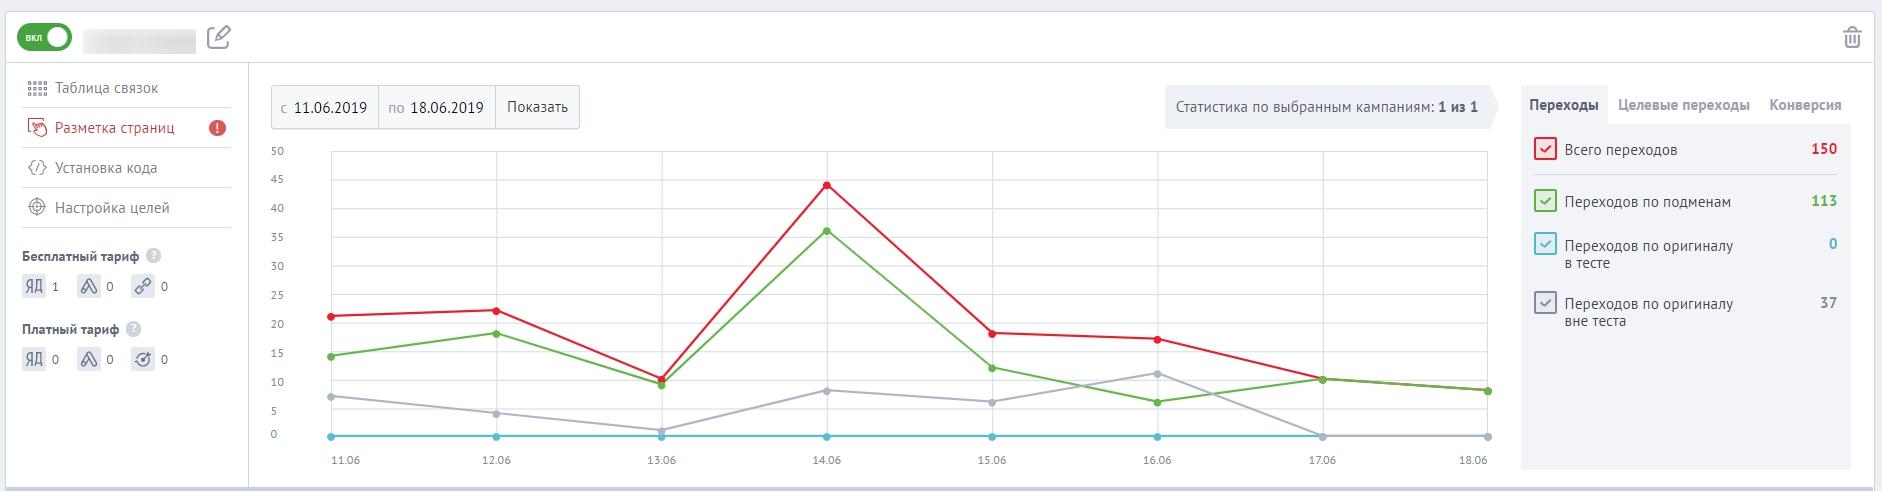 Графическое отображение статистики по проекту